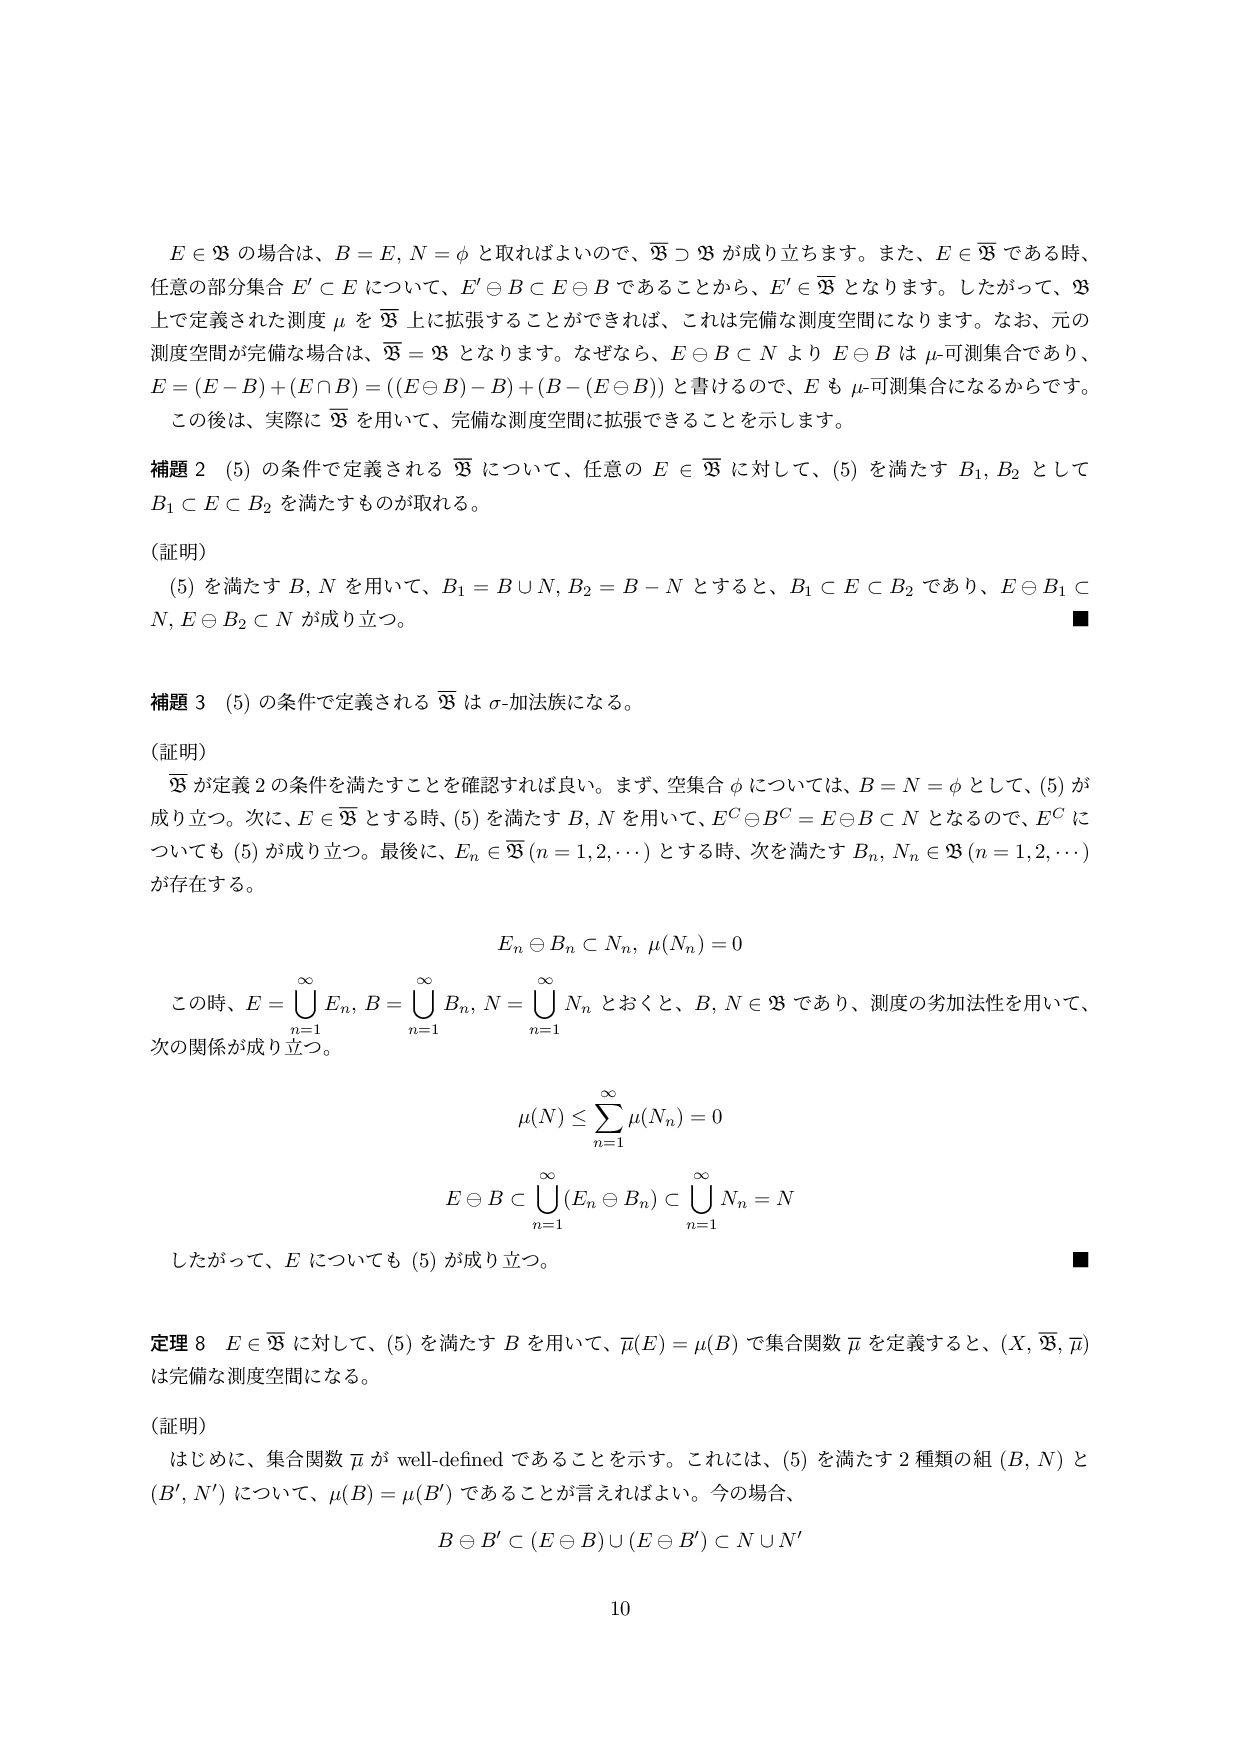 Ͱࣗવʹఆٛ͞Ε·͢ɻಉ༷ʹͯ͠ɺ۠ؒմ E = I1 + · · · + In ͷ໘ੵ m(...